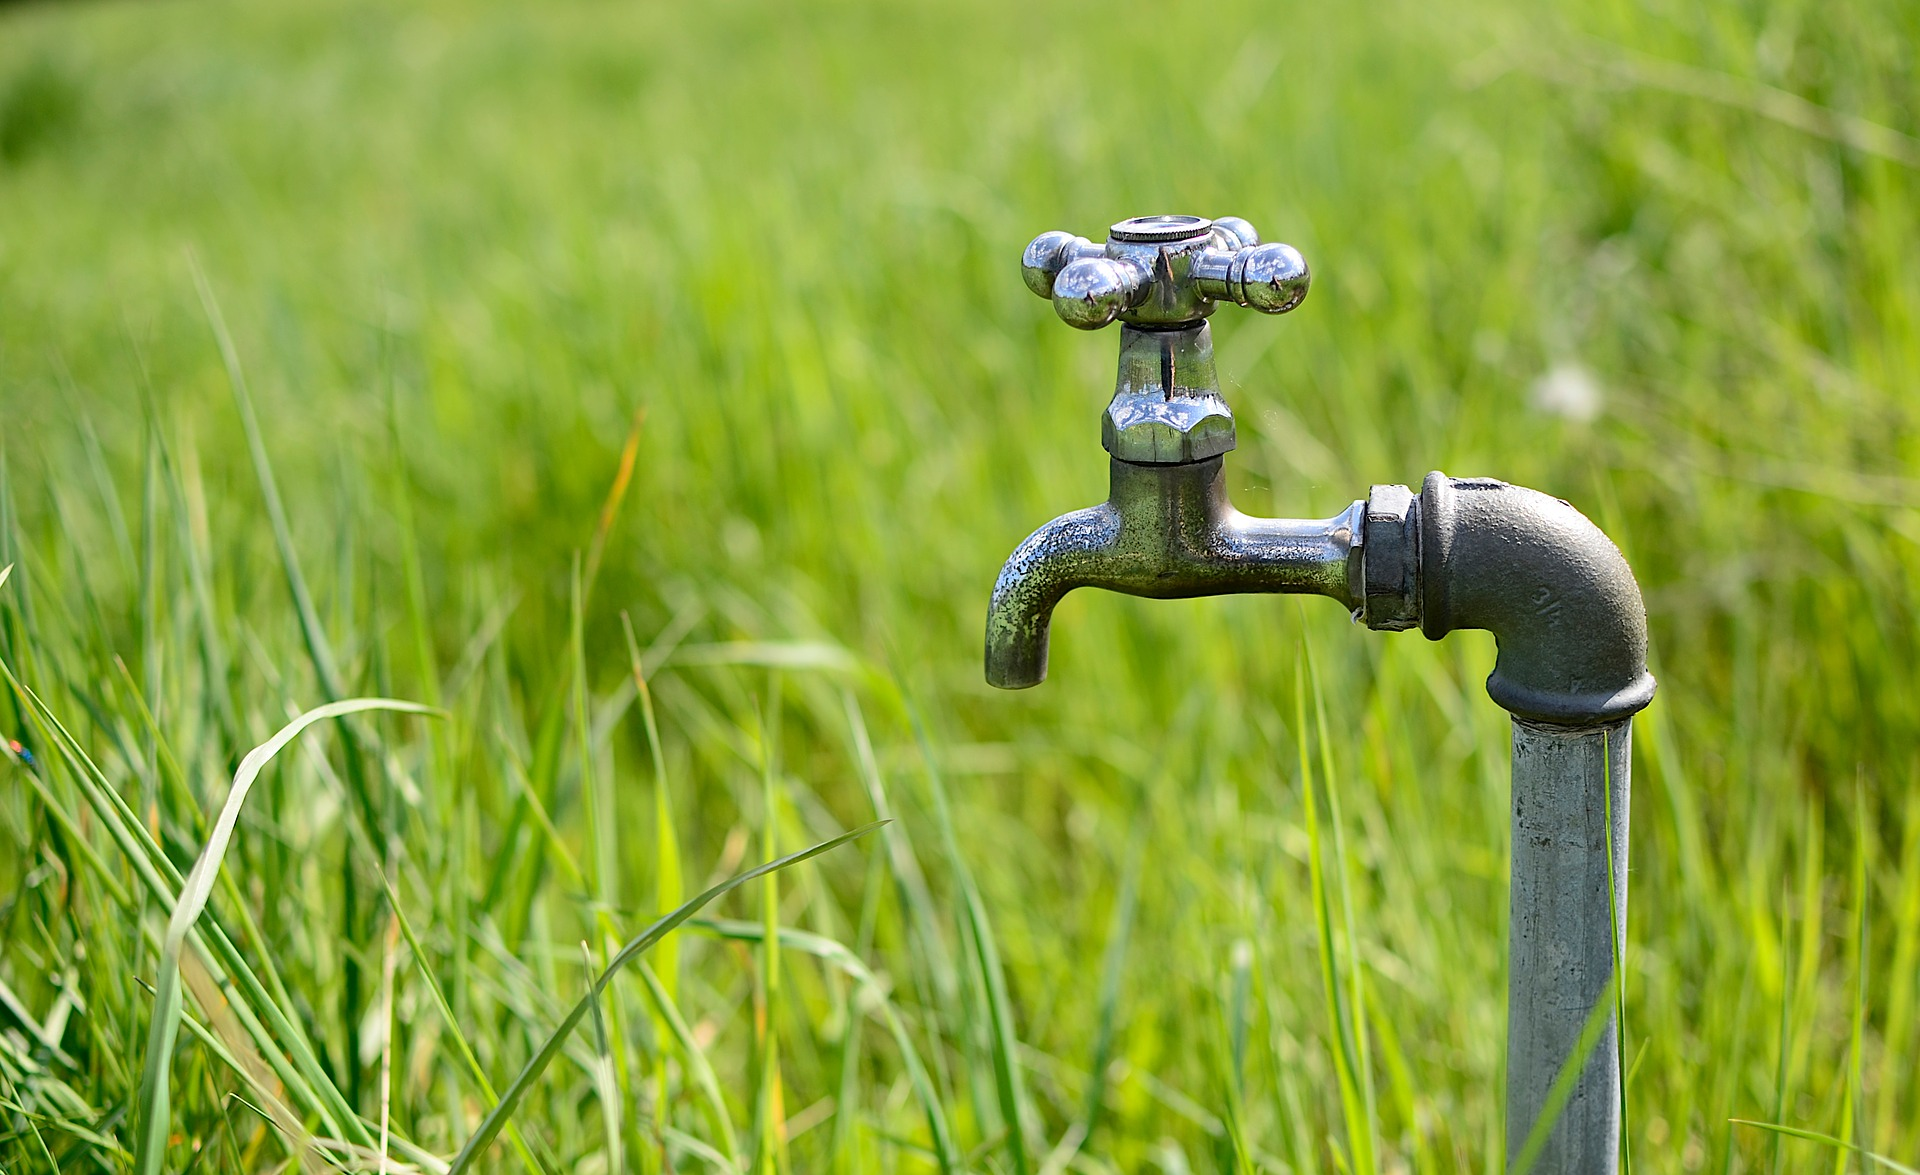 faucet leak repair